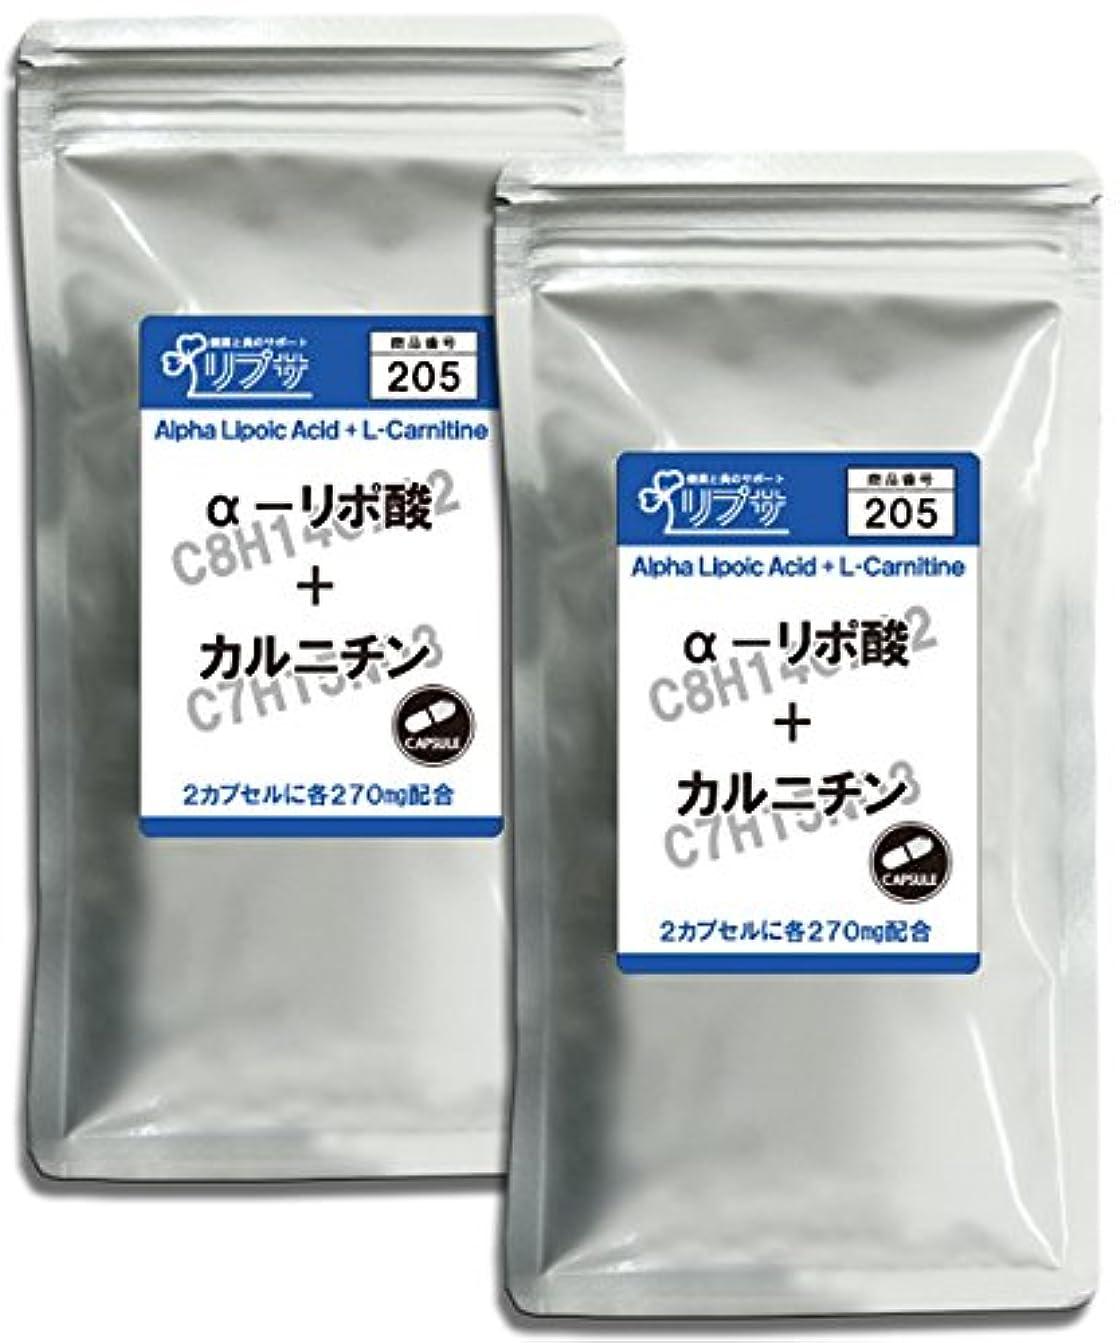 終了しましたジェームズダイソン形式アルファリポ酸+カルニチン 約3か月分×2袋 C-205-2